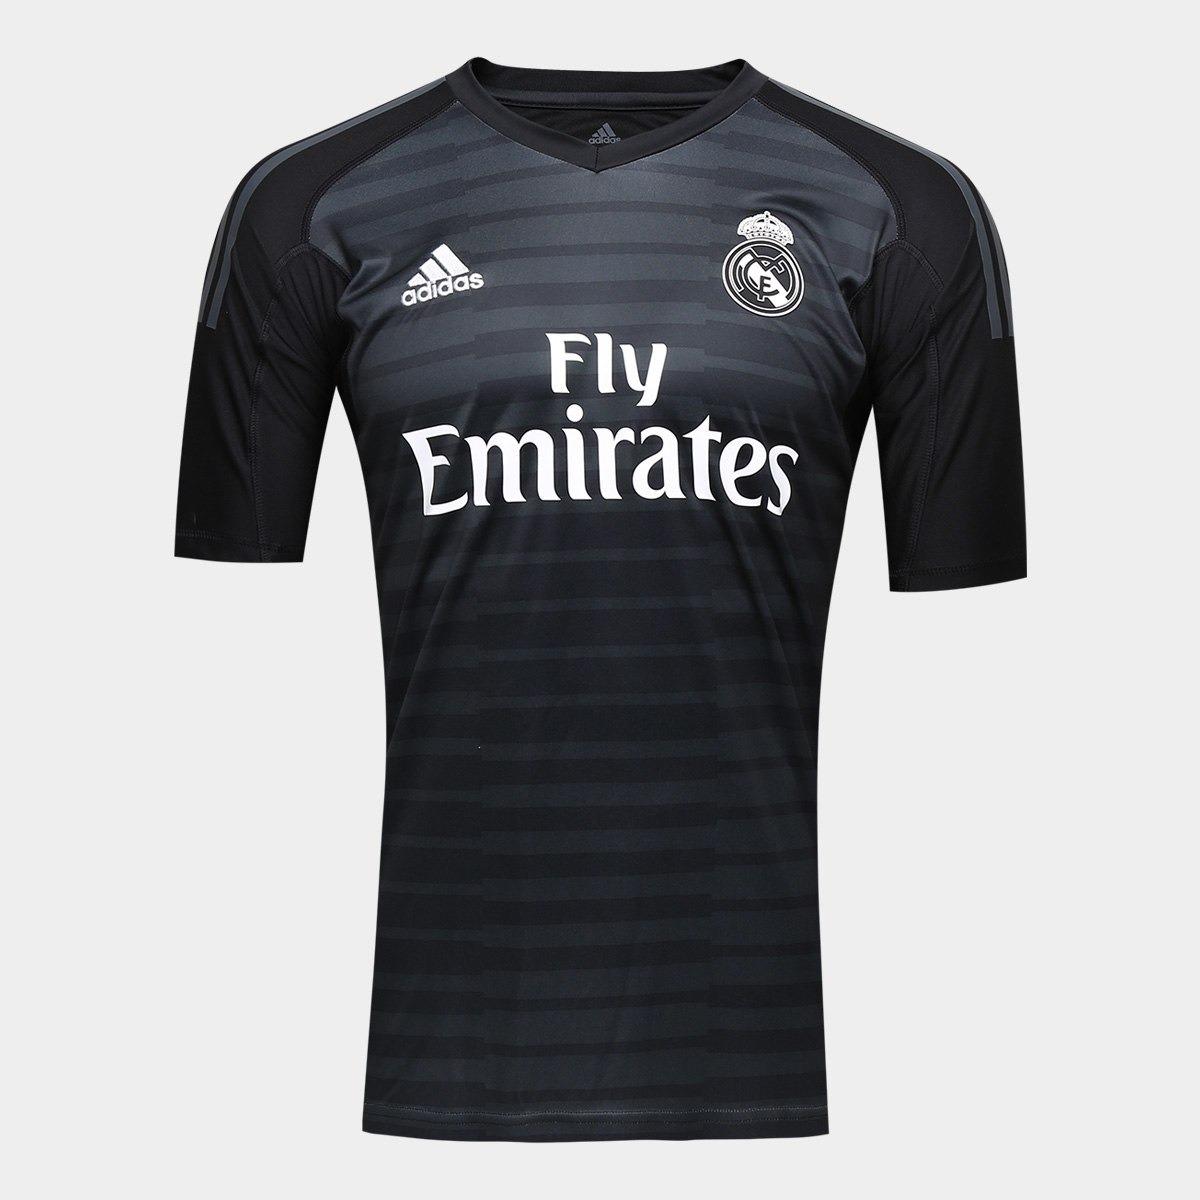 ... camisa de goleiro real madrid 2018 torcedor adidas masculin. Carregando  zoom. 72b62f40656117  Camisa Flamengo Oficial ... 078721fdf8704